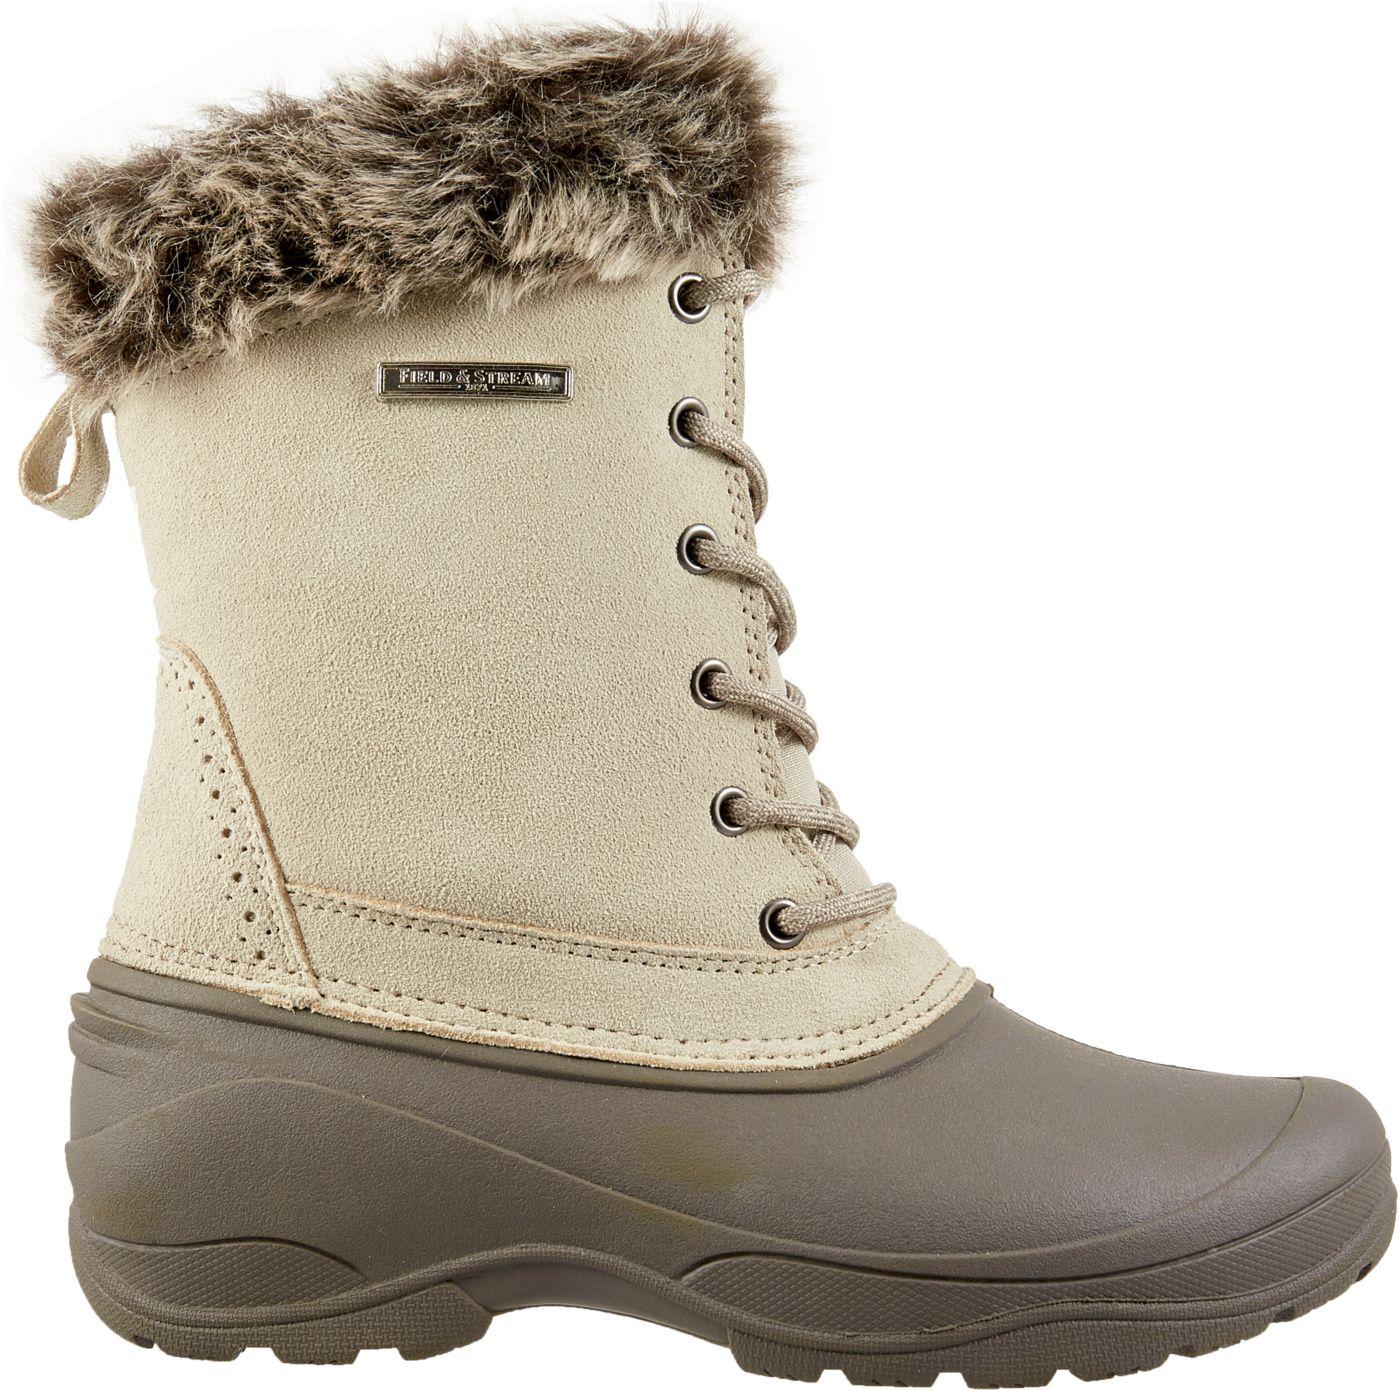 Field & Stream Women's Pac 200g Winter Boots